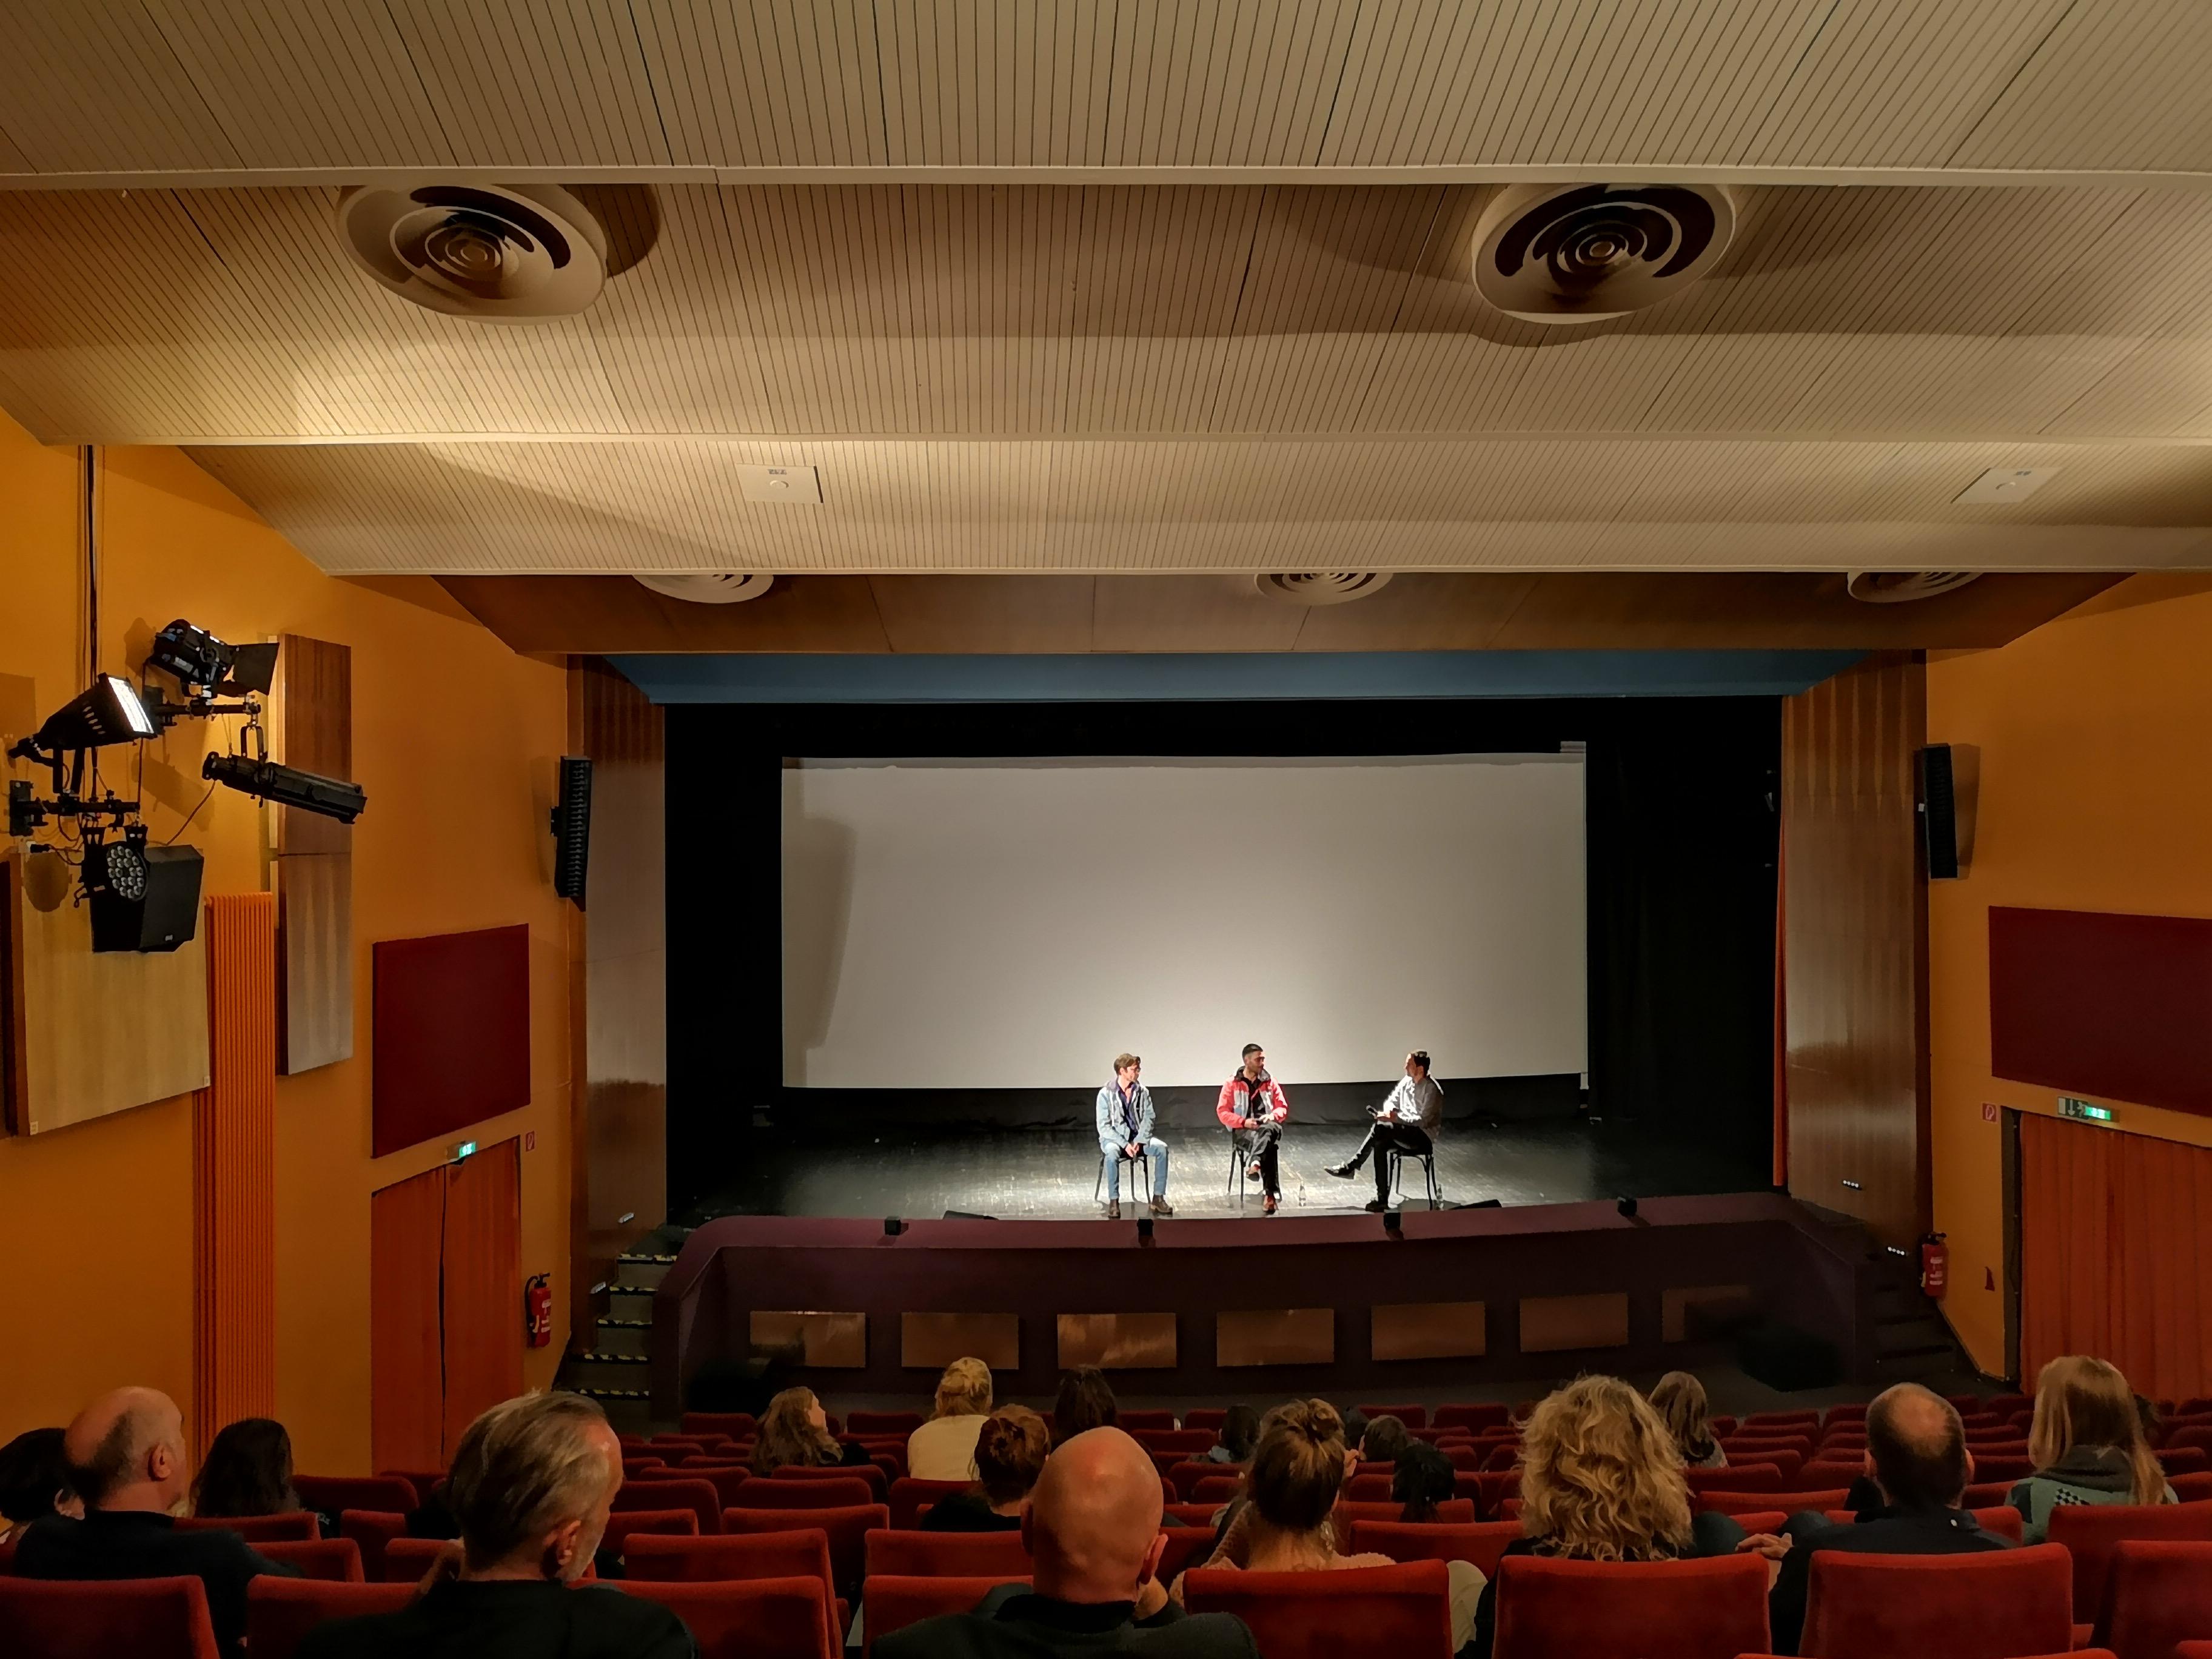 """Am ersten Veranstaltungstag waren alle Teilnehmenden zur Vorführung des Films """"Berlin Rebel High School"""" eingeladen, der die Arbeit der Schule für Erwachsenenbildung Berlin dokumentiert. Im Programmkino des Tagungungszentrums fand anschließend eine Podiumsdiskussion mit einer Lehrkraft und einem Schüler der FSE statt"""